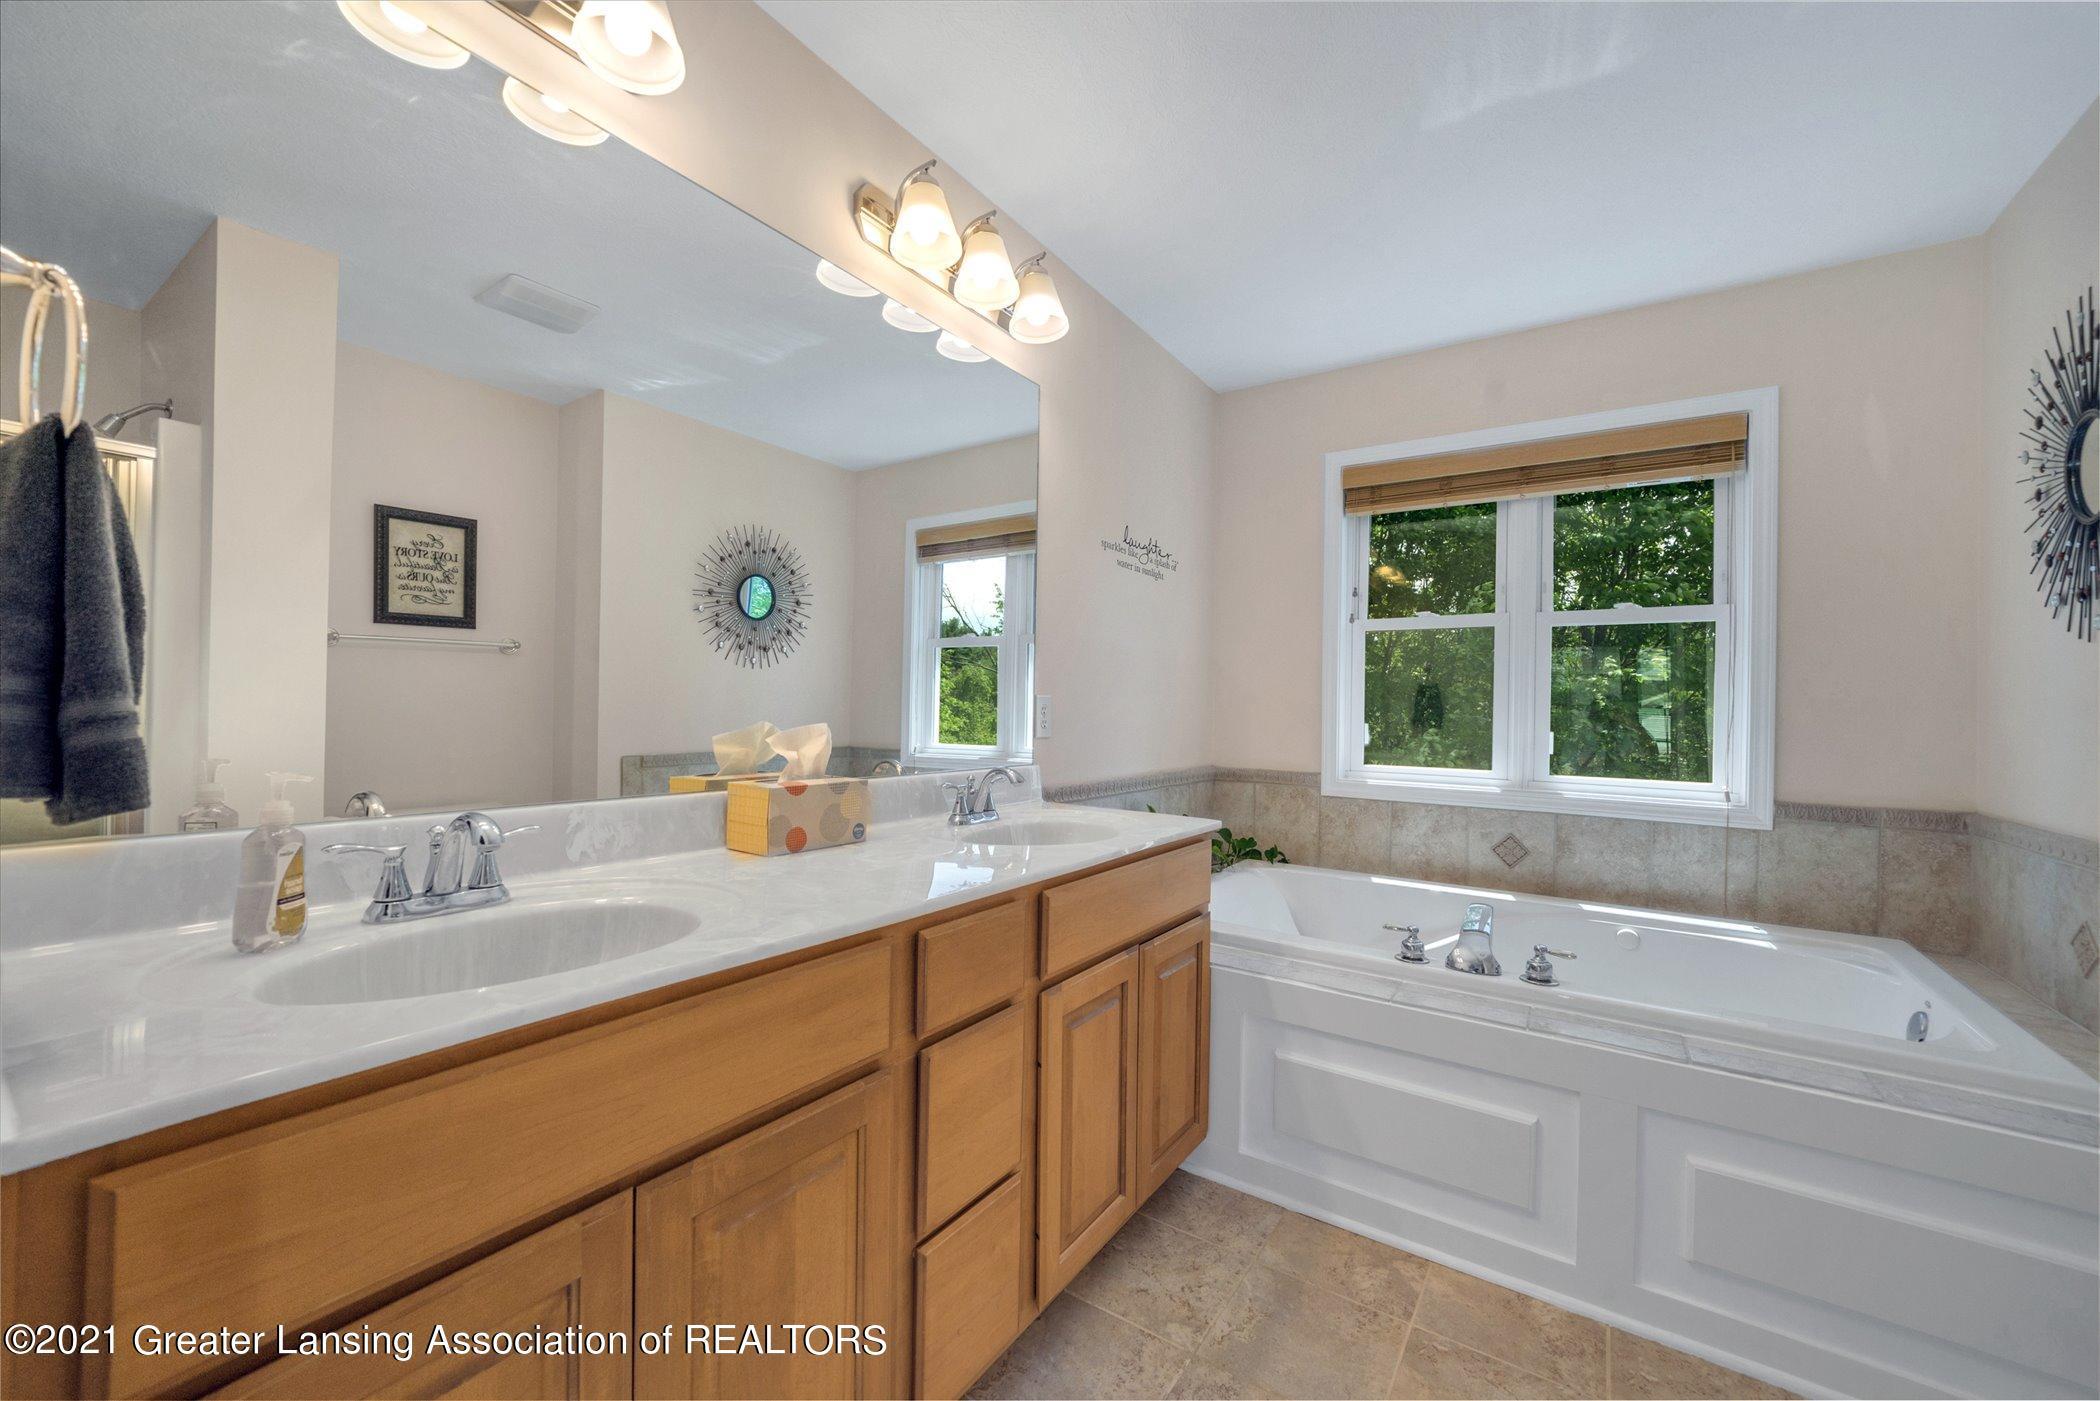 6542 White Clover Dr - UPPER FLOOR Primary Bathroom - 22